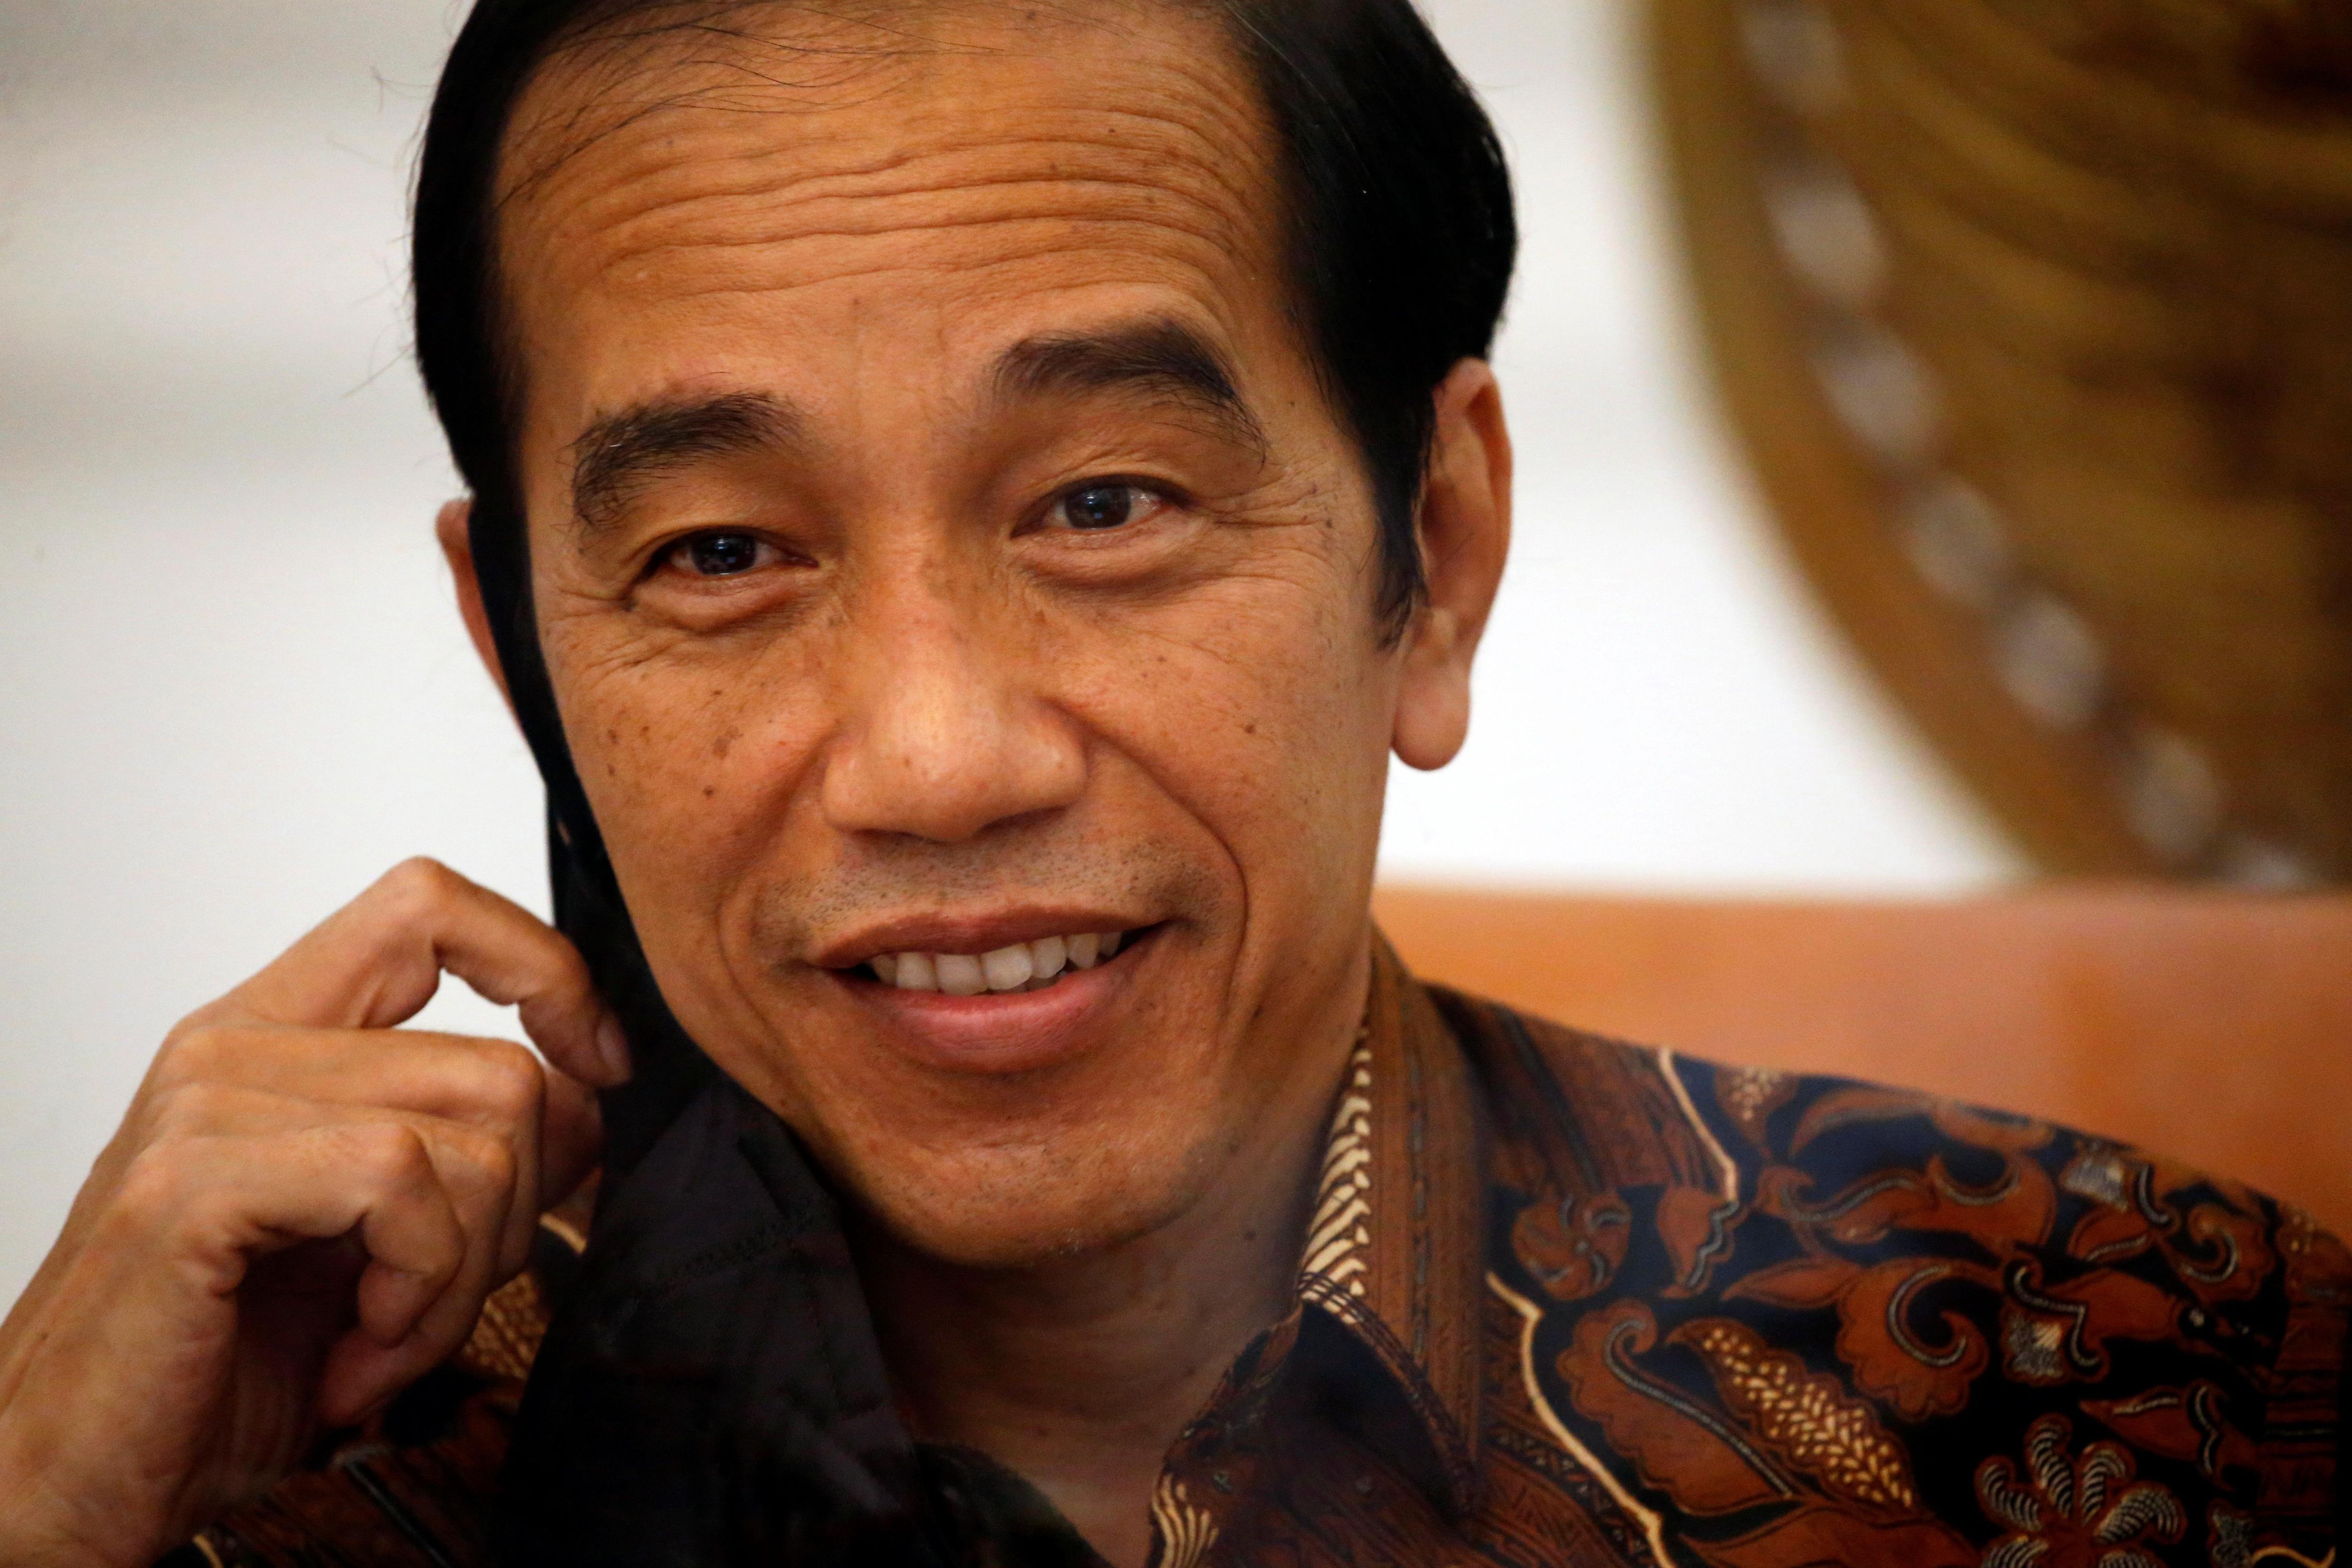 インドネシア、「22年ぶり」景気後退局面の深刻さ政府は「最悪は脱出」を強調するが、景気回復はコロナ収束次第か – アジア